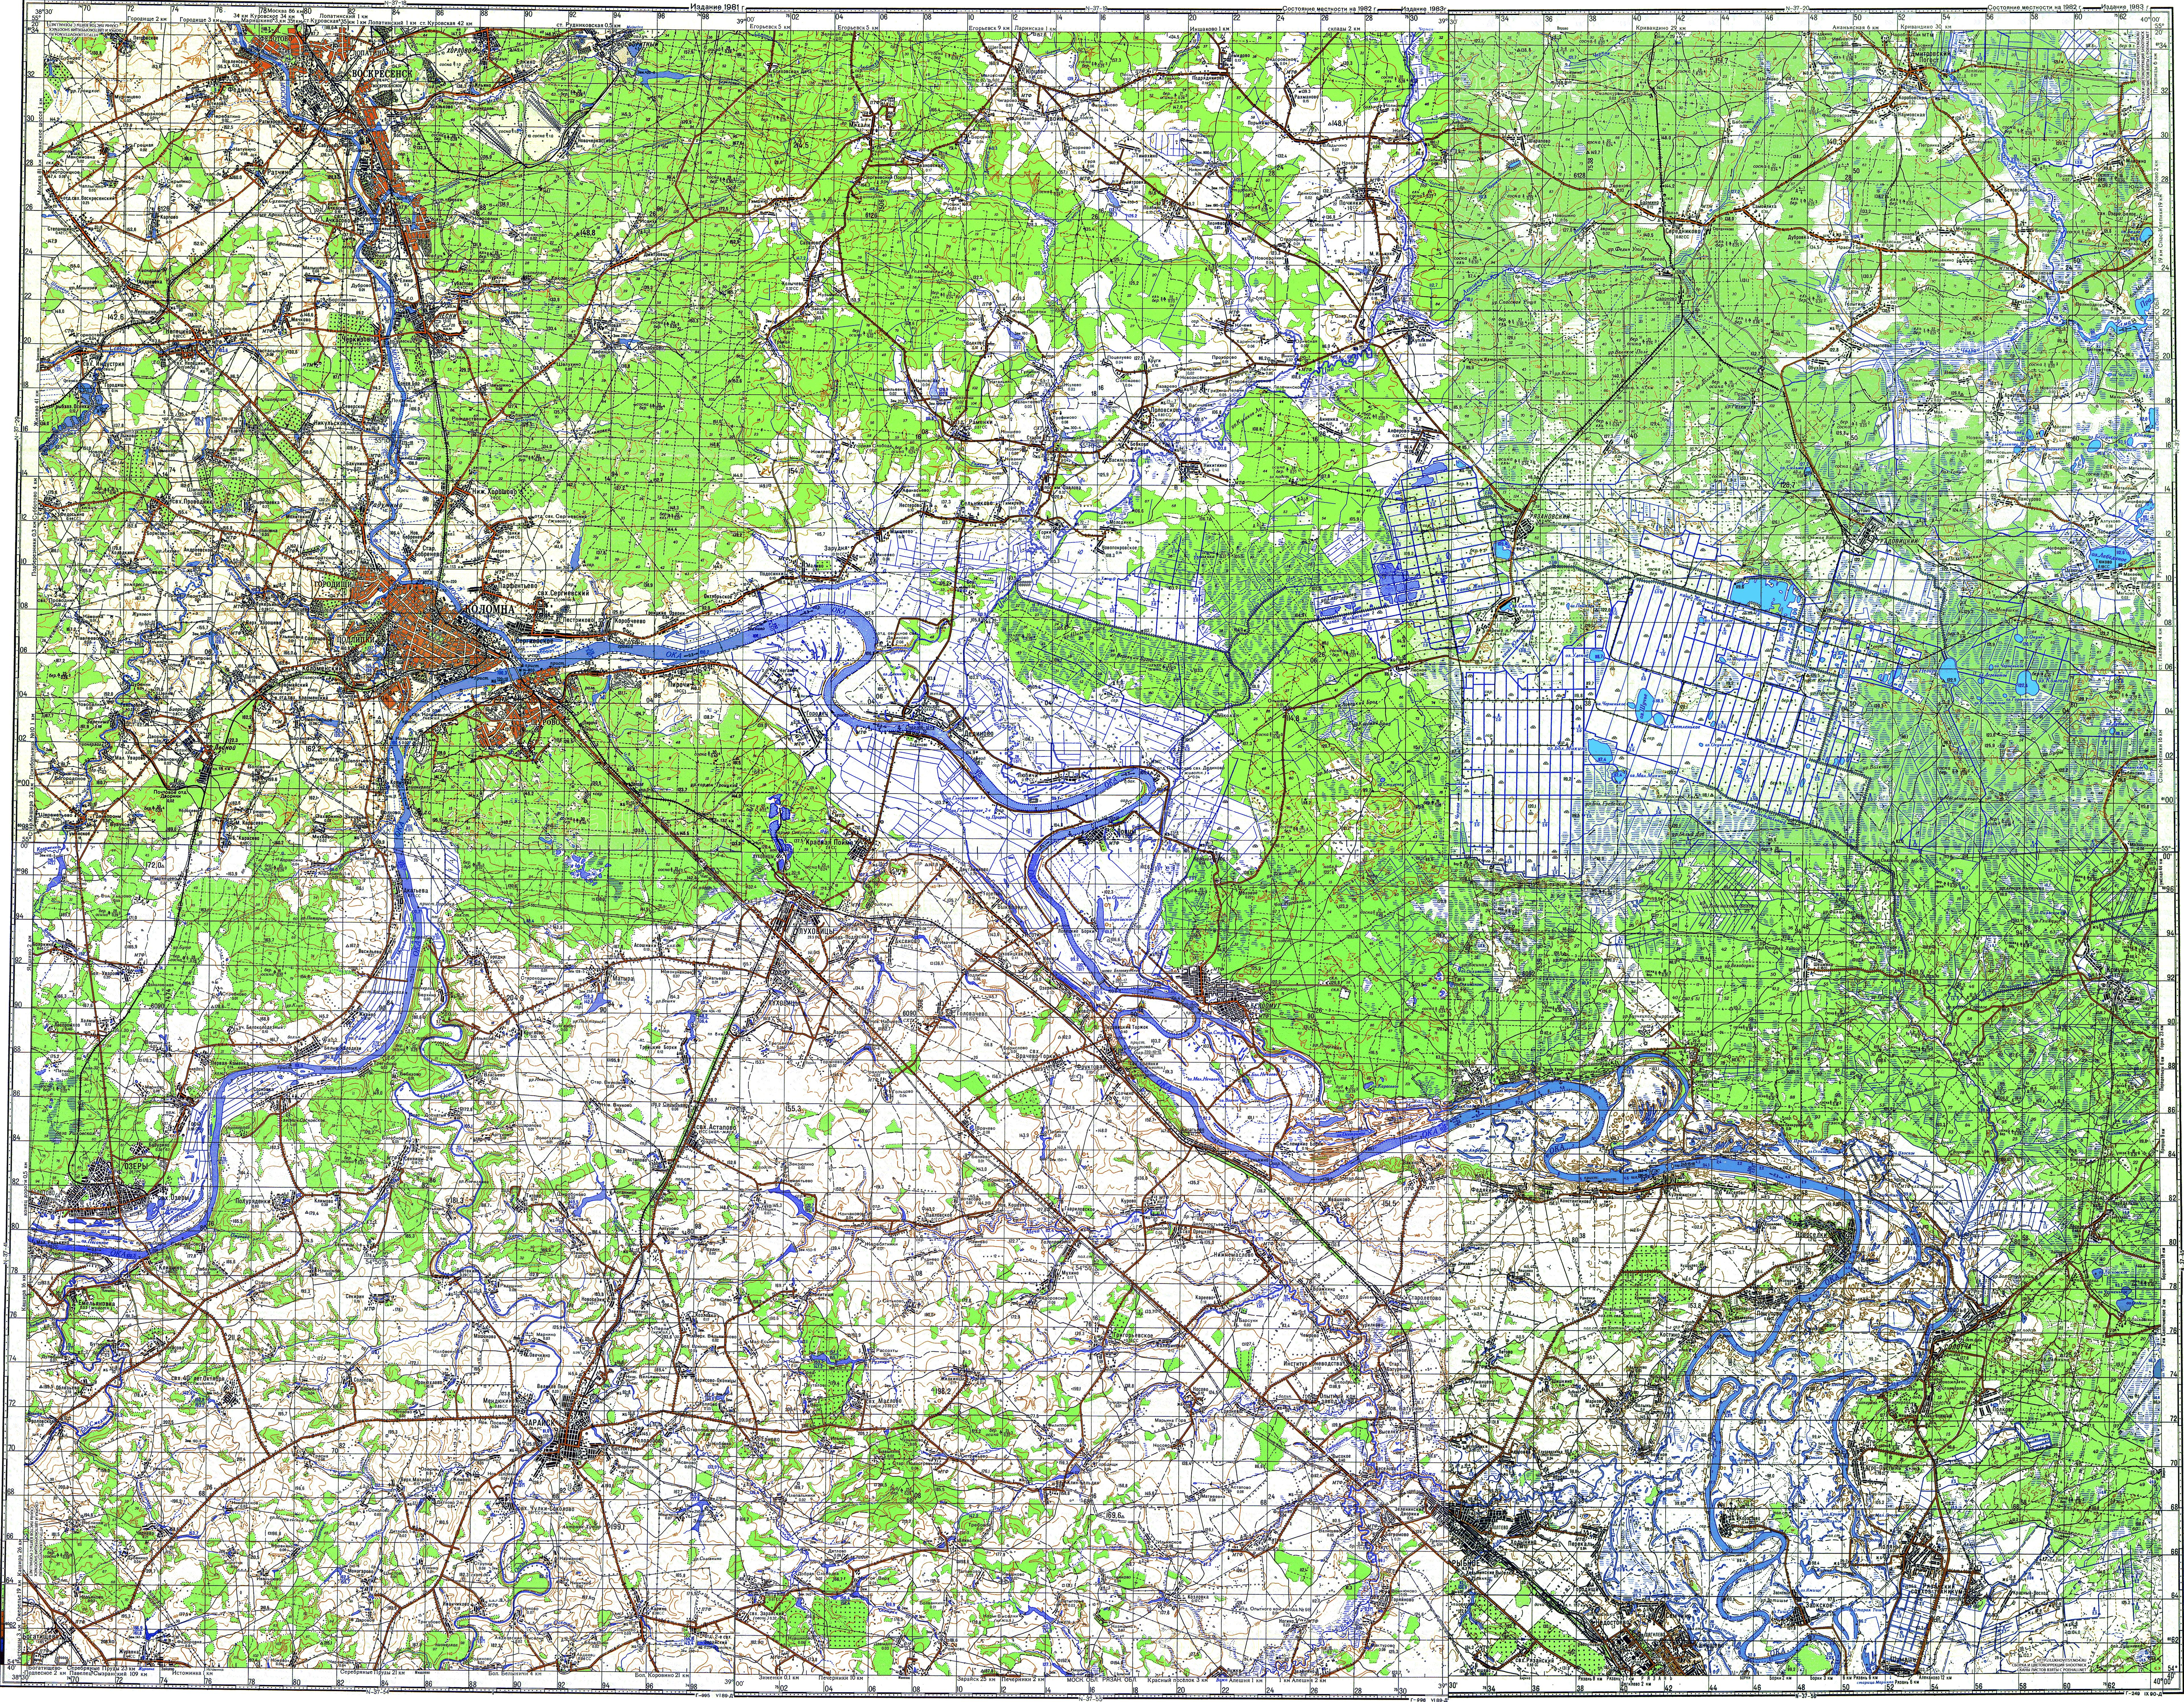 Топографическая военная карта Луховиц и прилегающих районов (масштаб 1:100000)